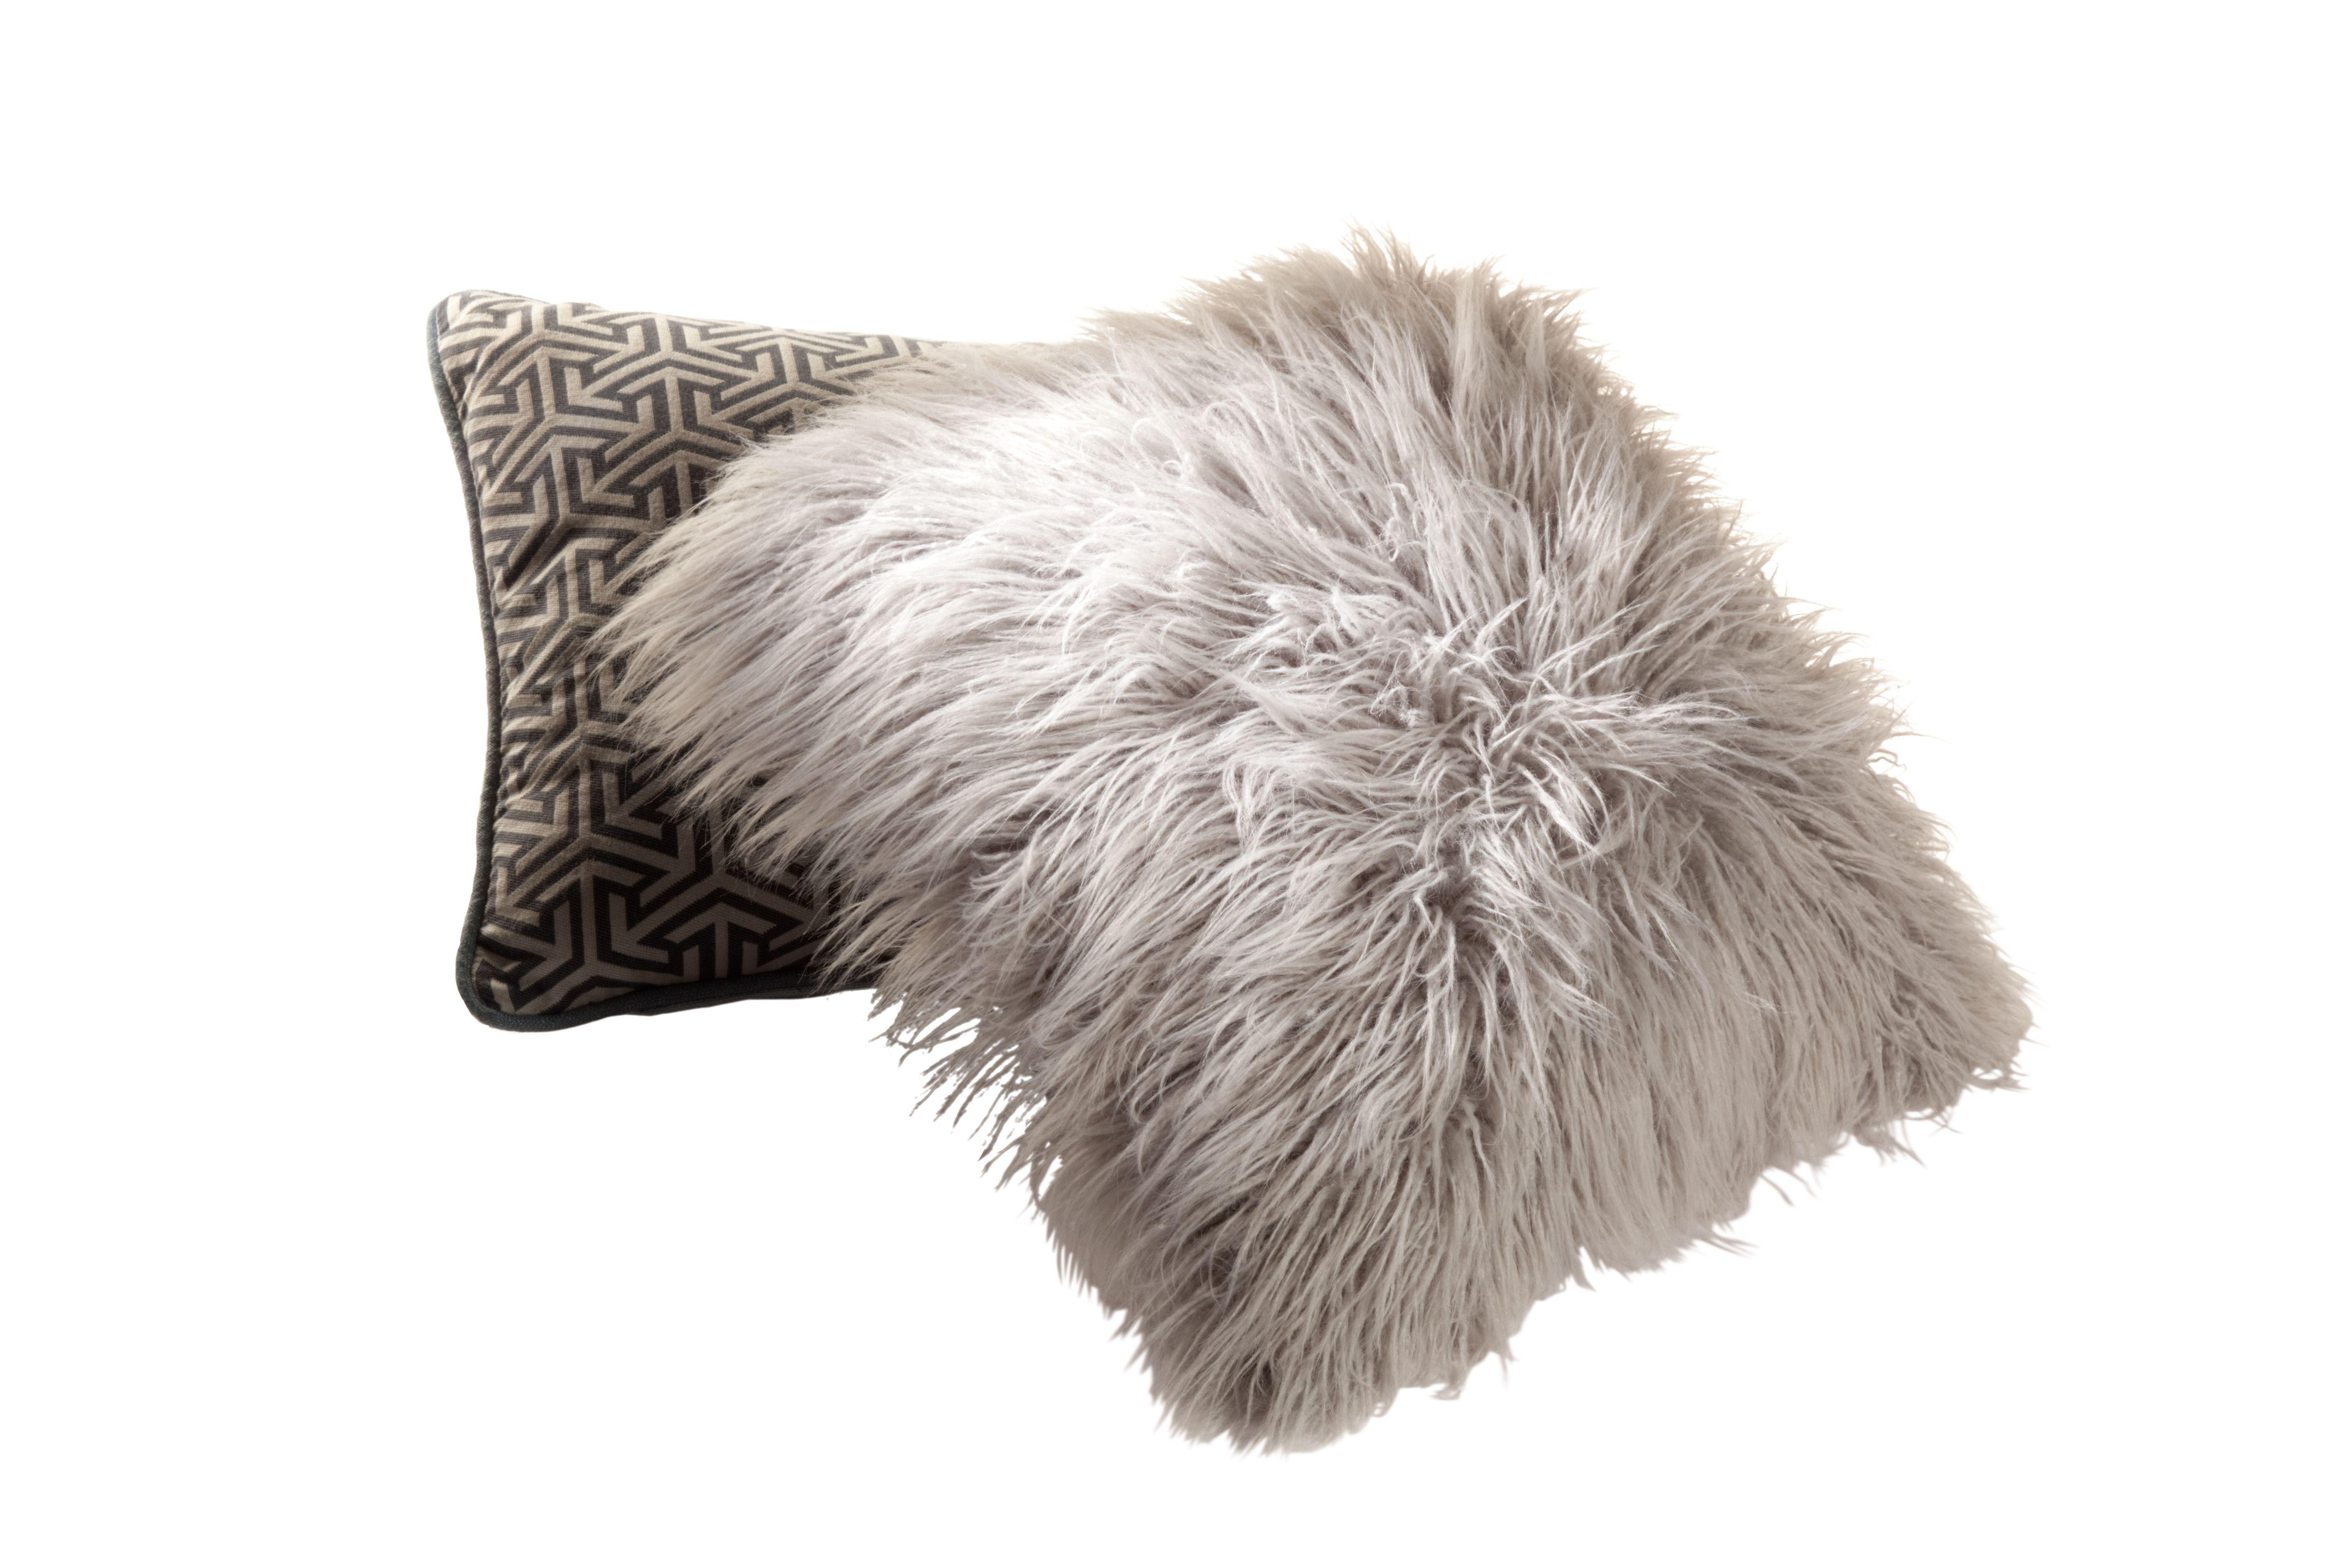 Park city winter 2012 get cozy pillows non9pr